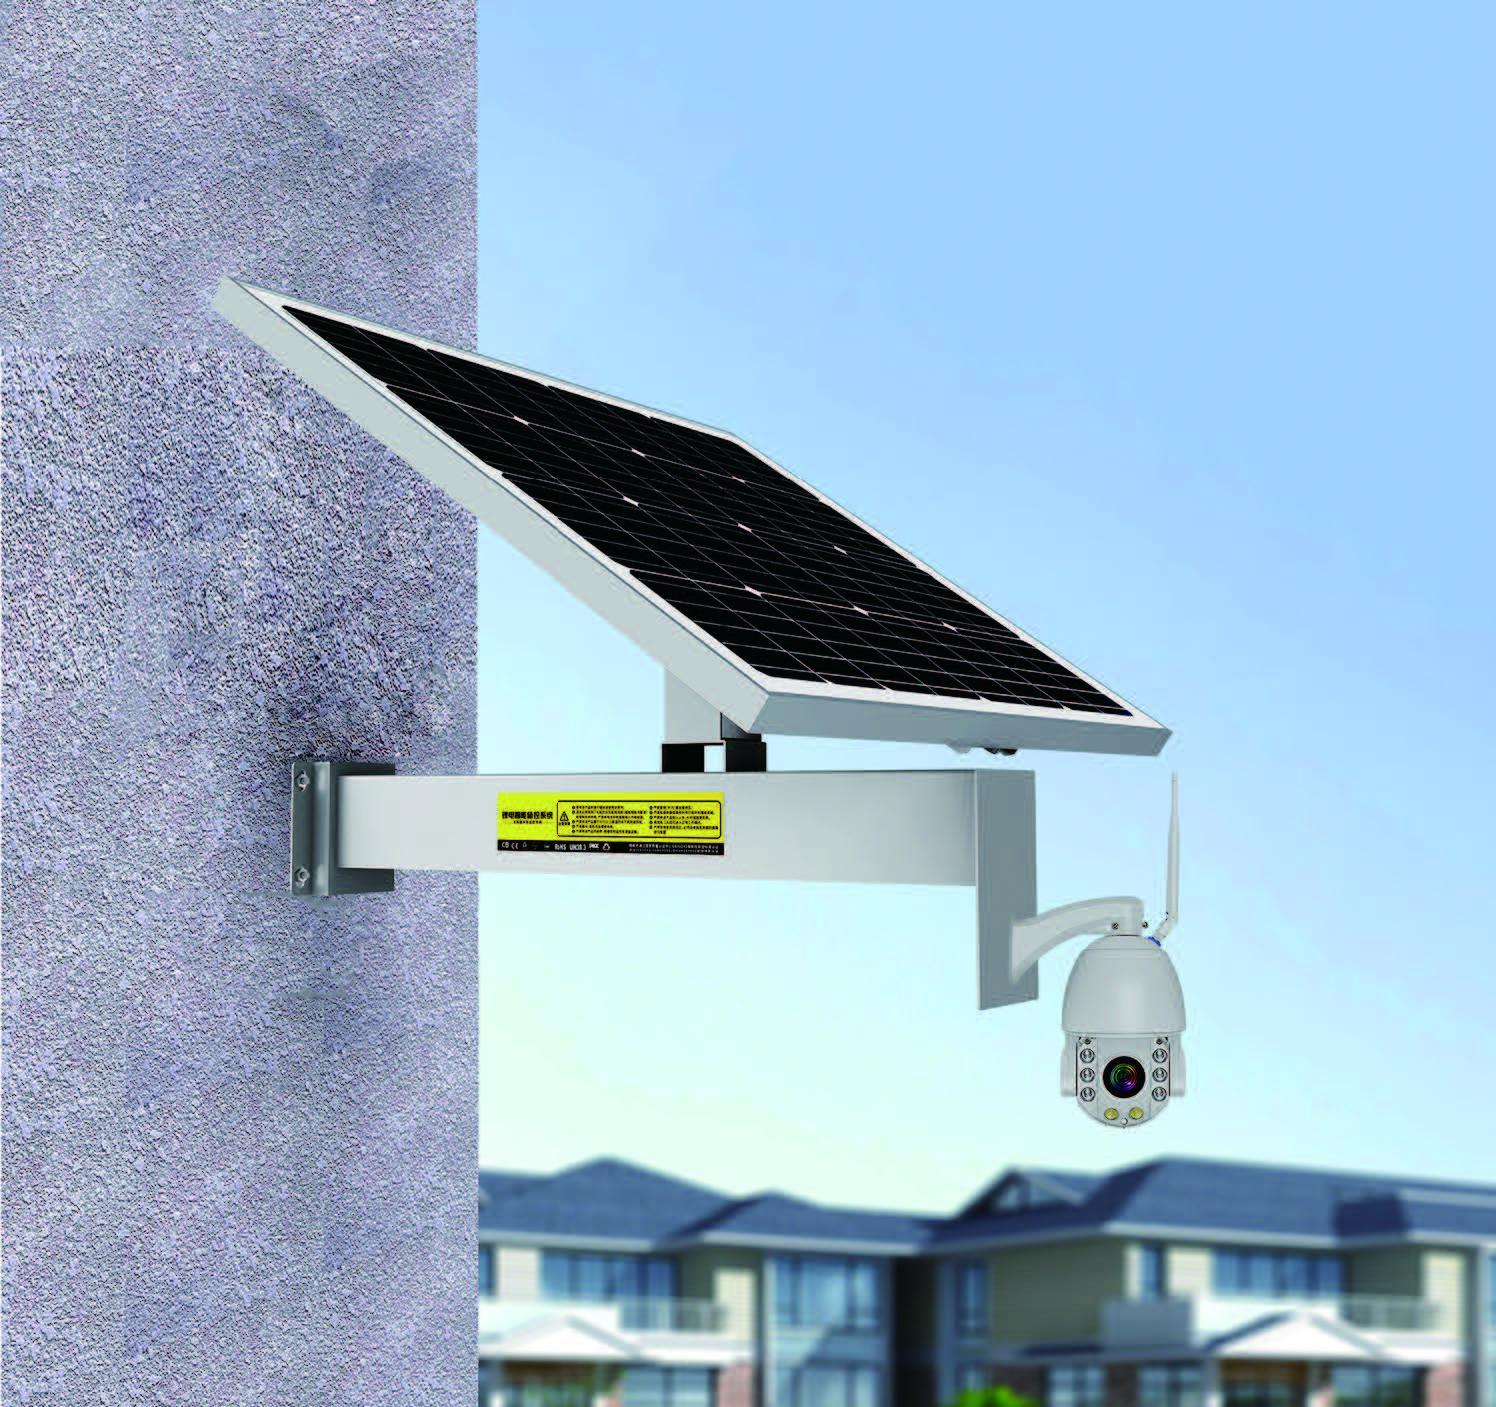 solar video camera cctv ip